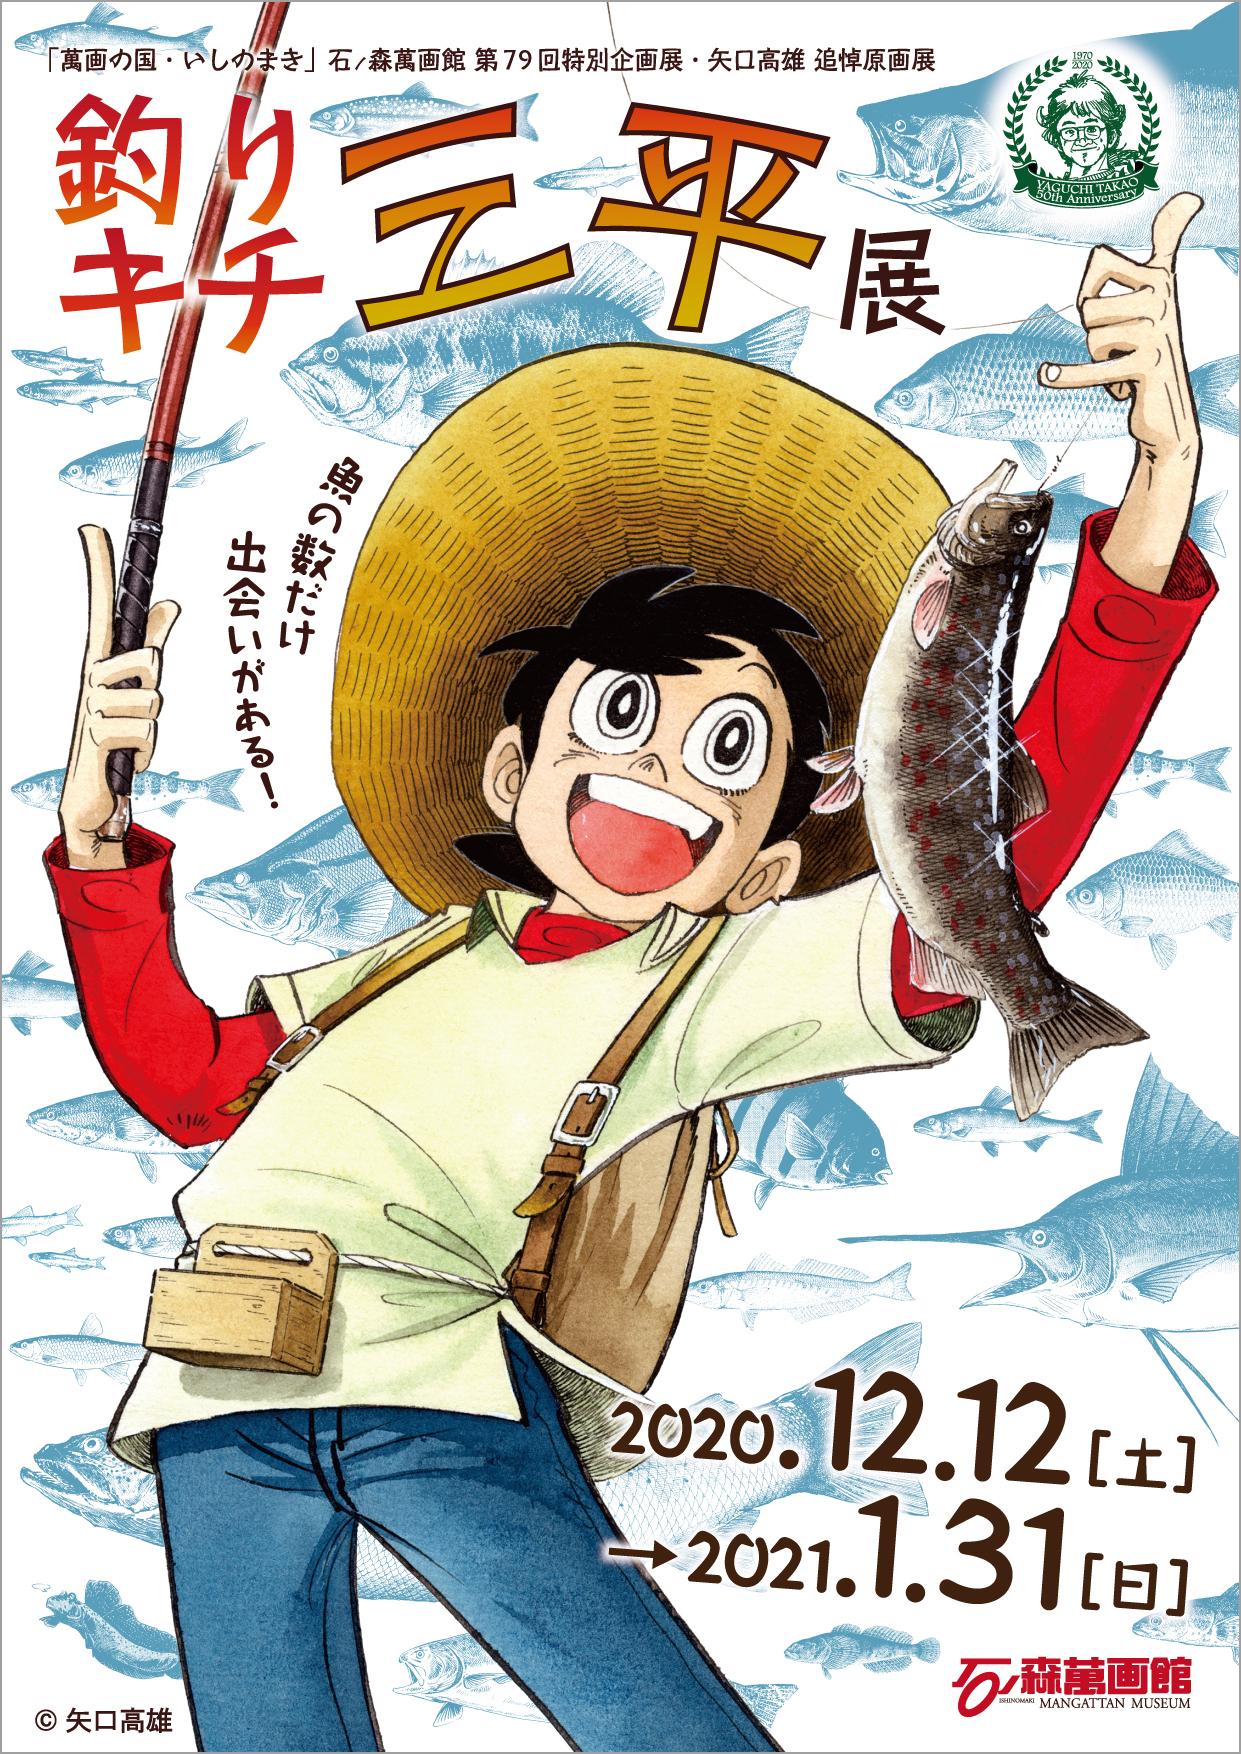 【宮城】釣りキチ三平展:2020年12月12日(土)~2021年1月31日(日)